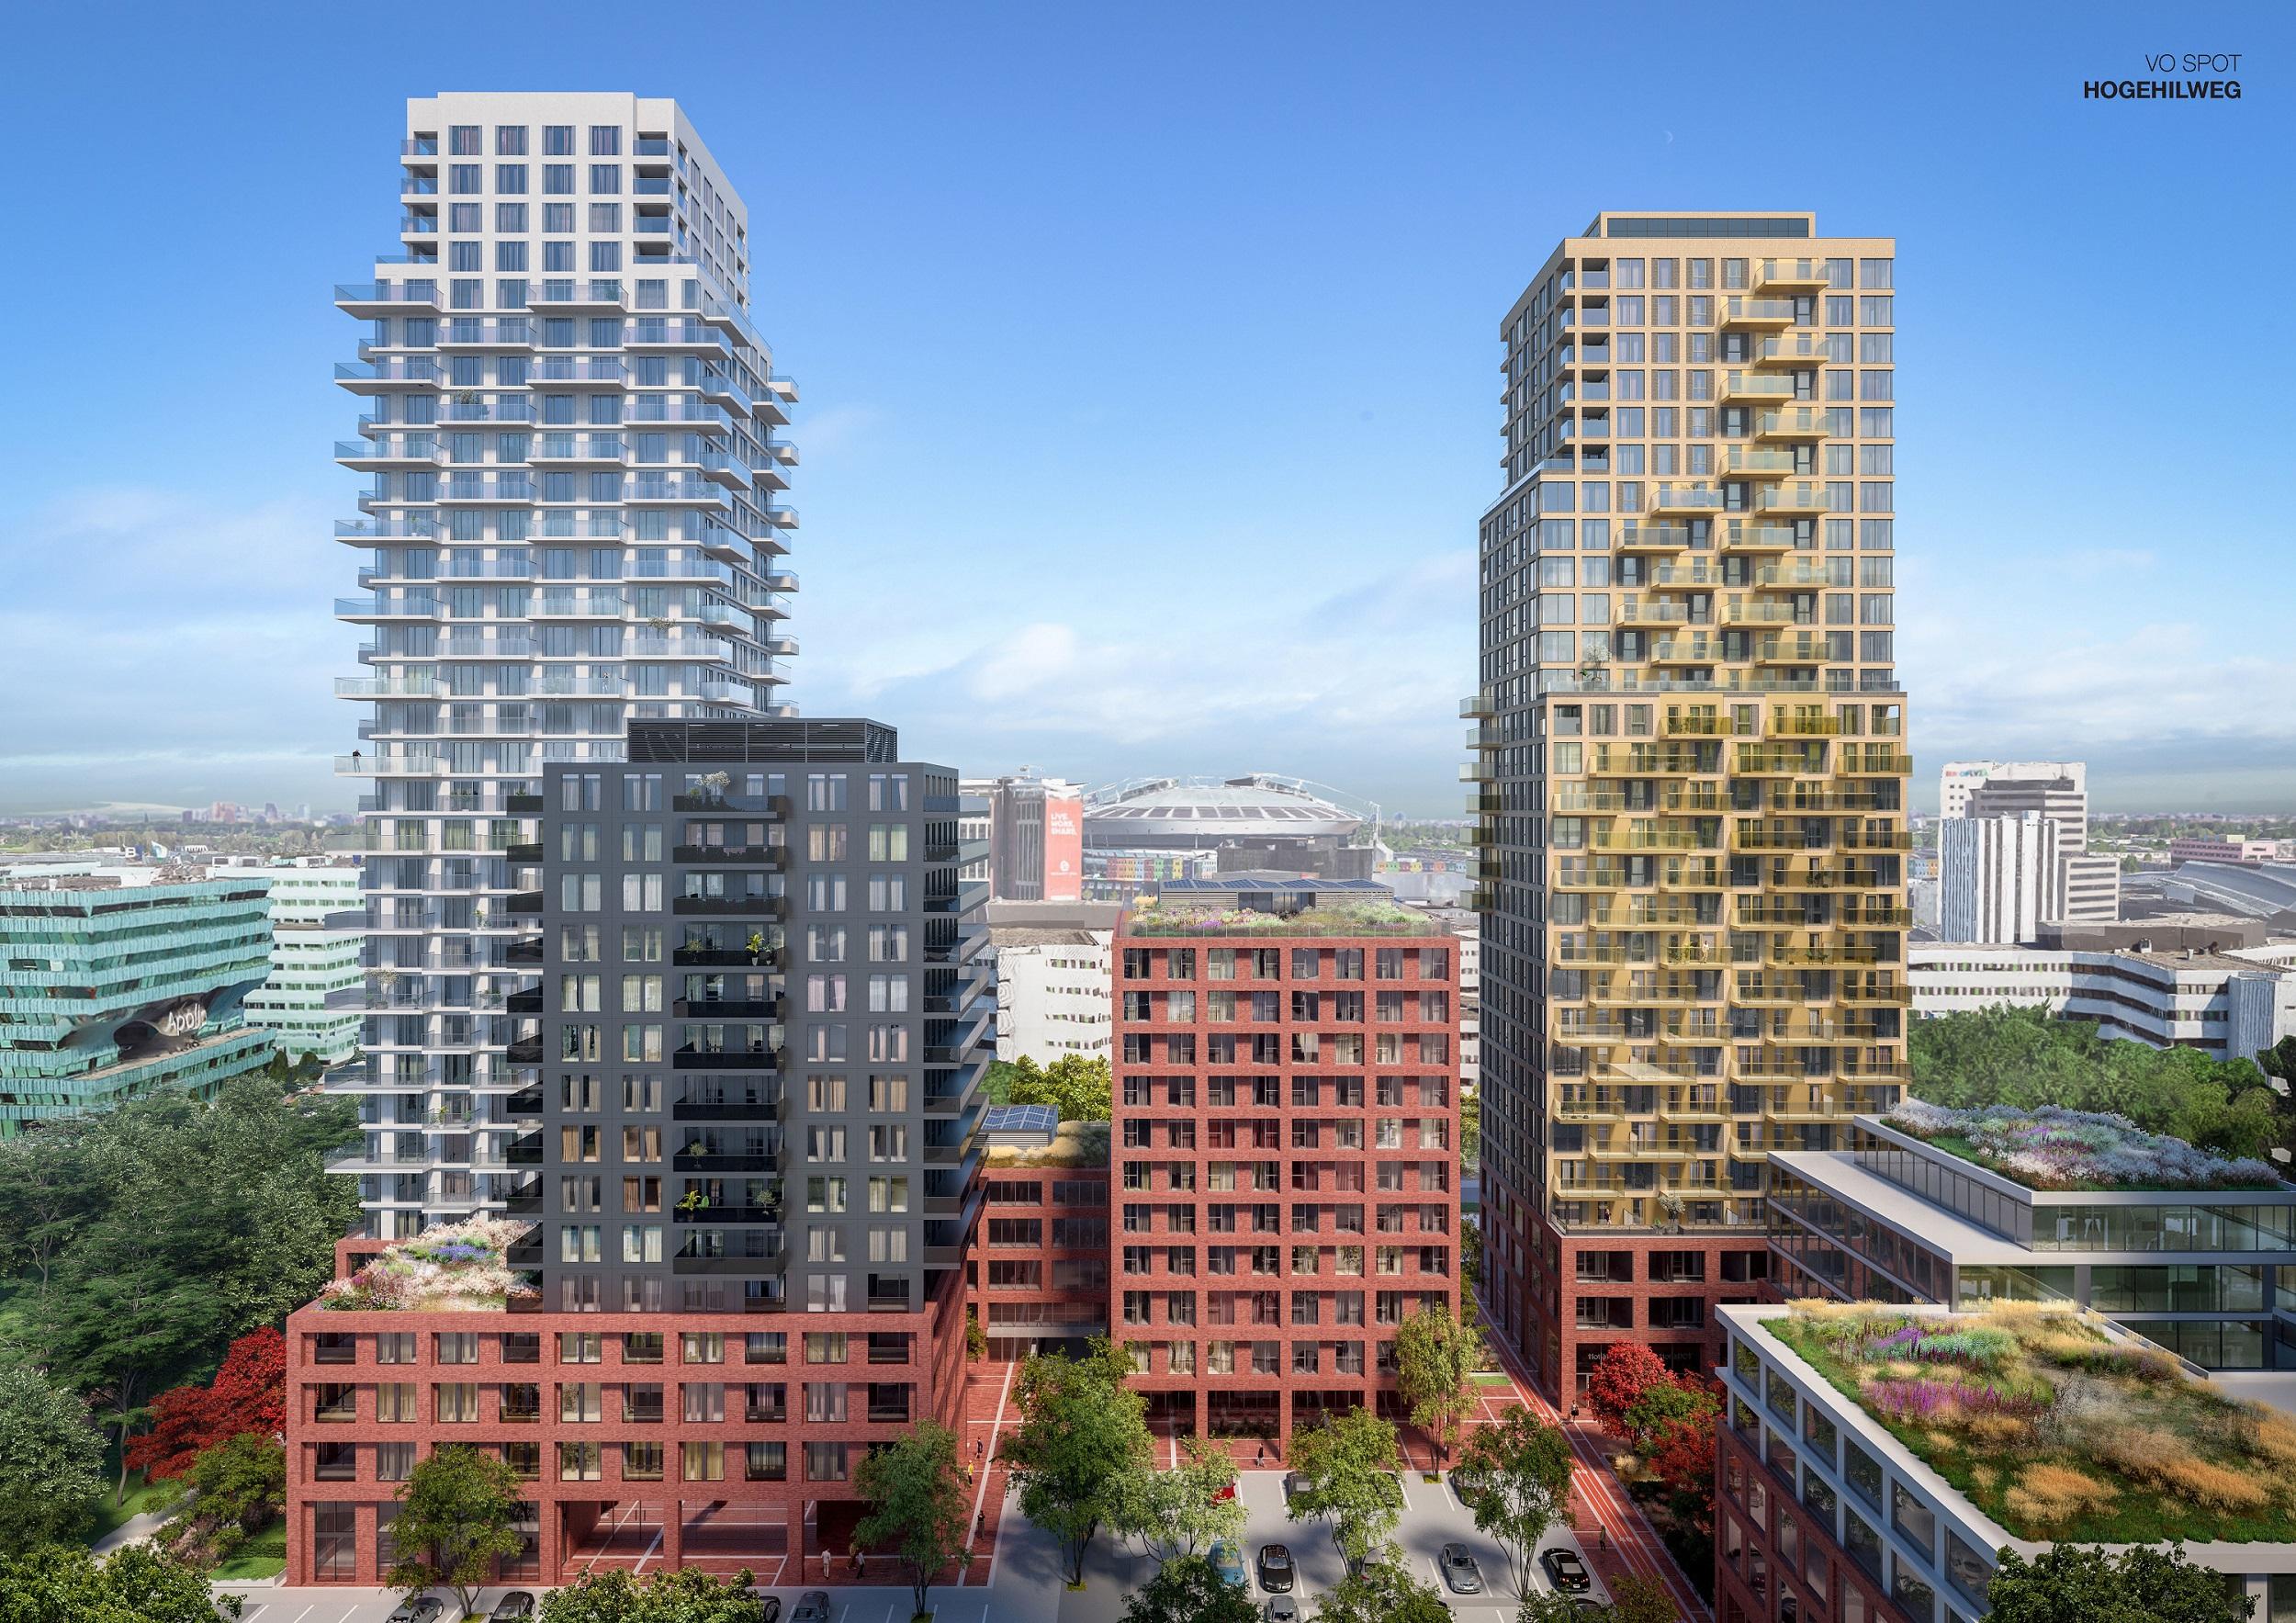 Amvest Koopt 816 Woningen En 20.000 M2 Commerciële Ruimte In SPOT Amsterdam